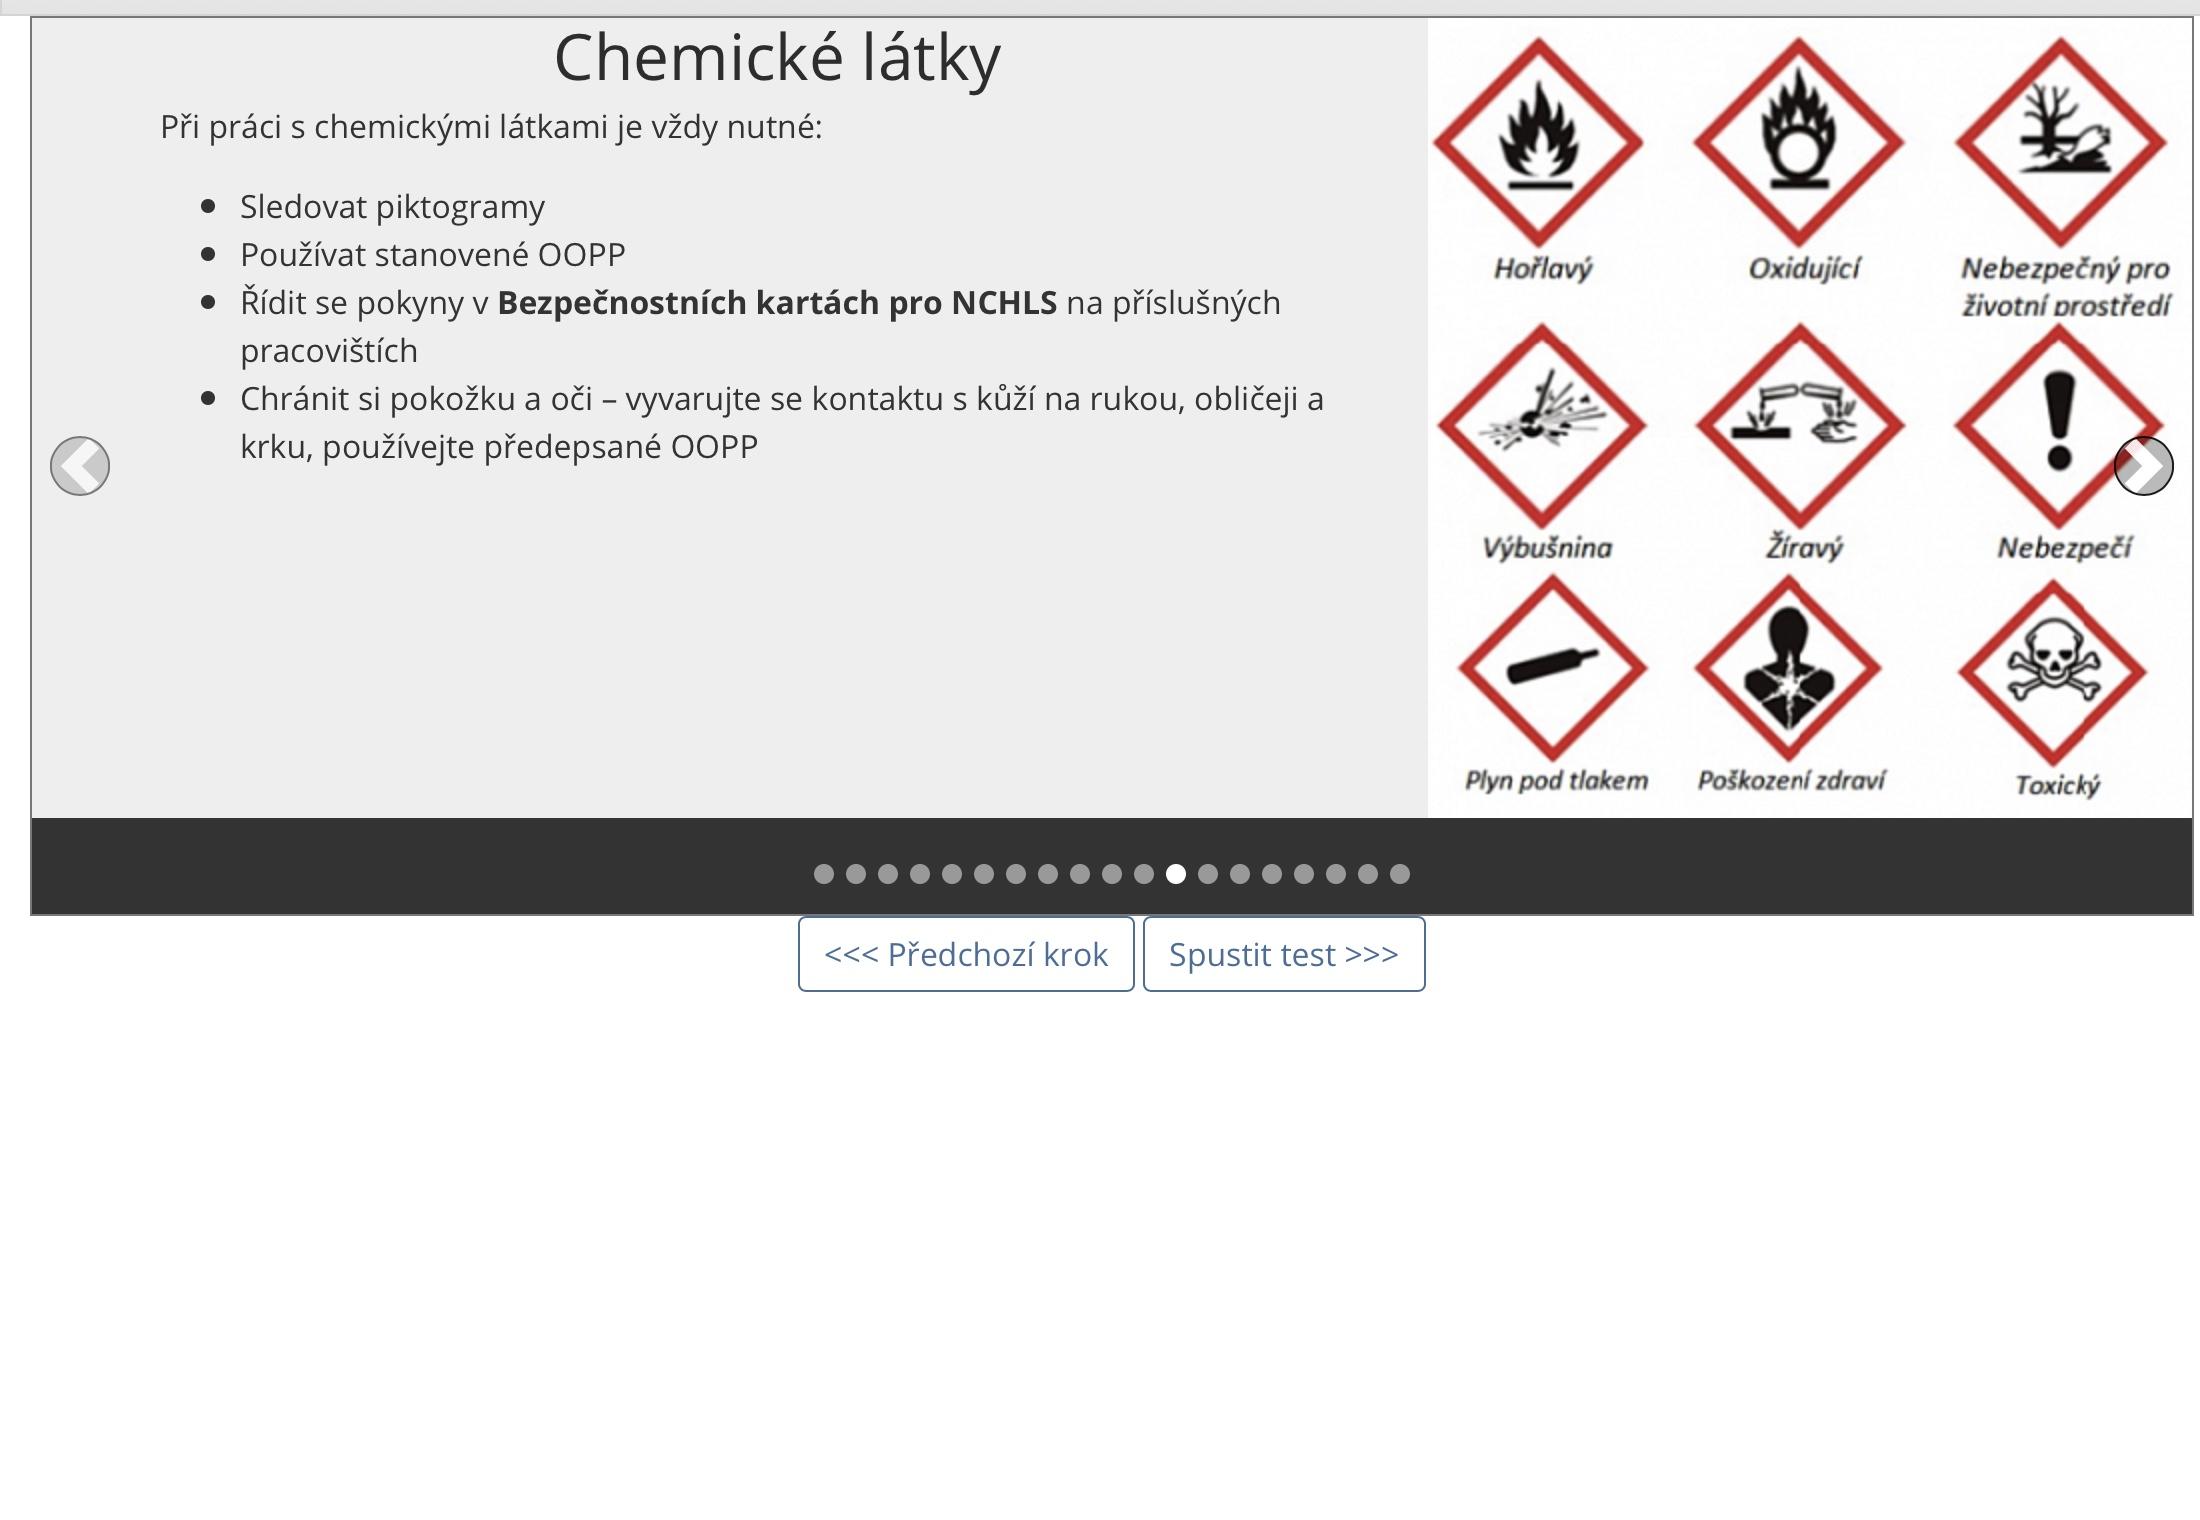 QC Safety - ukázka ze vstupního školení